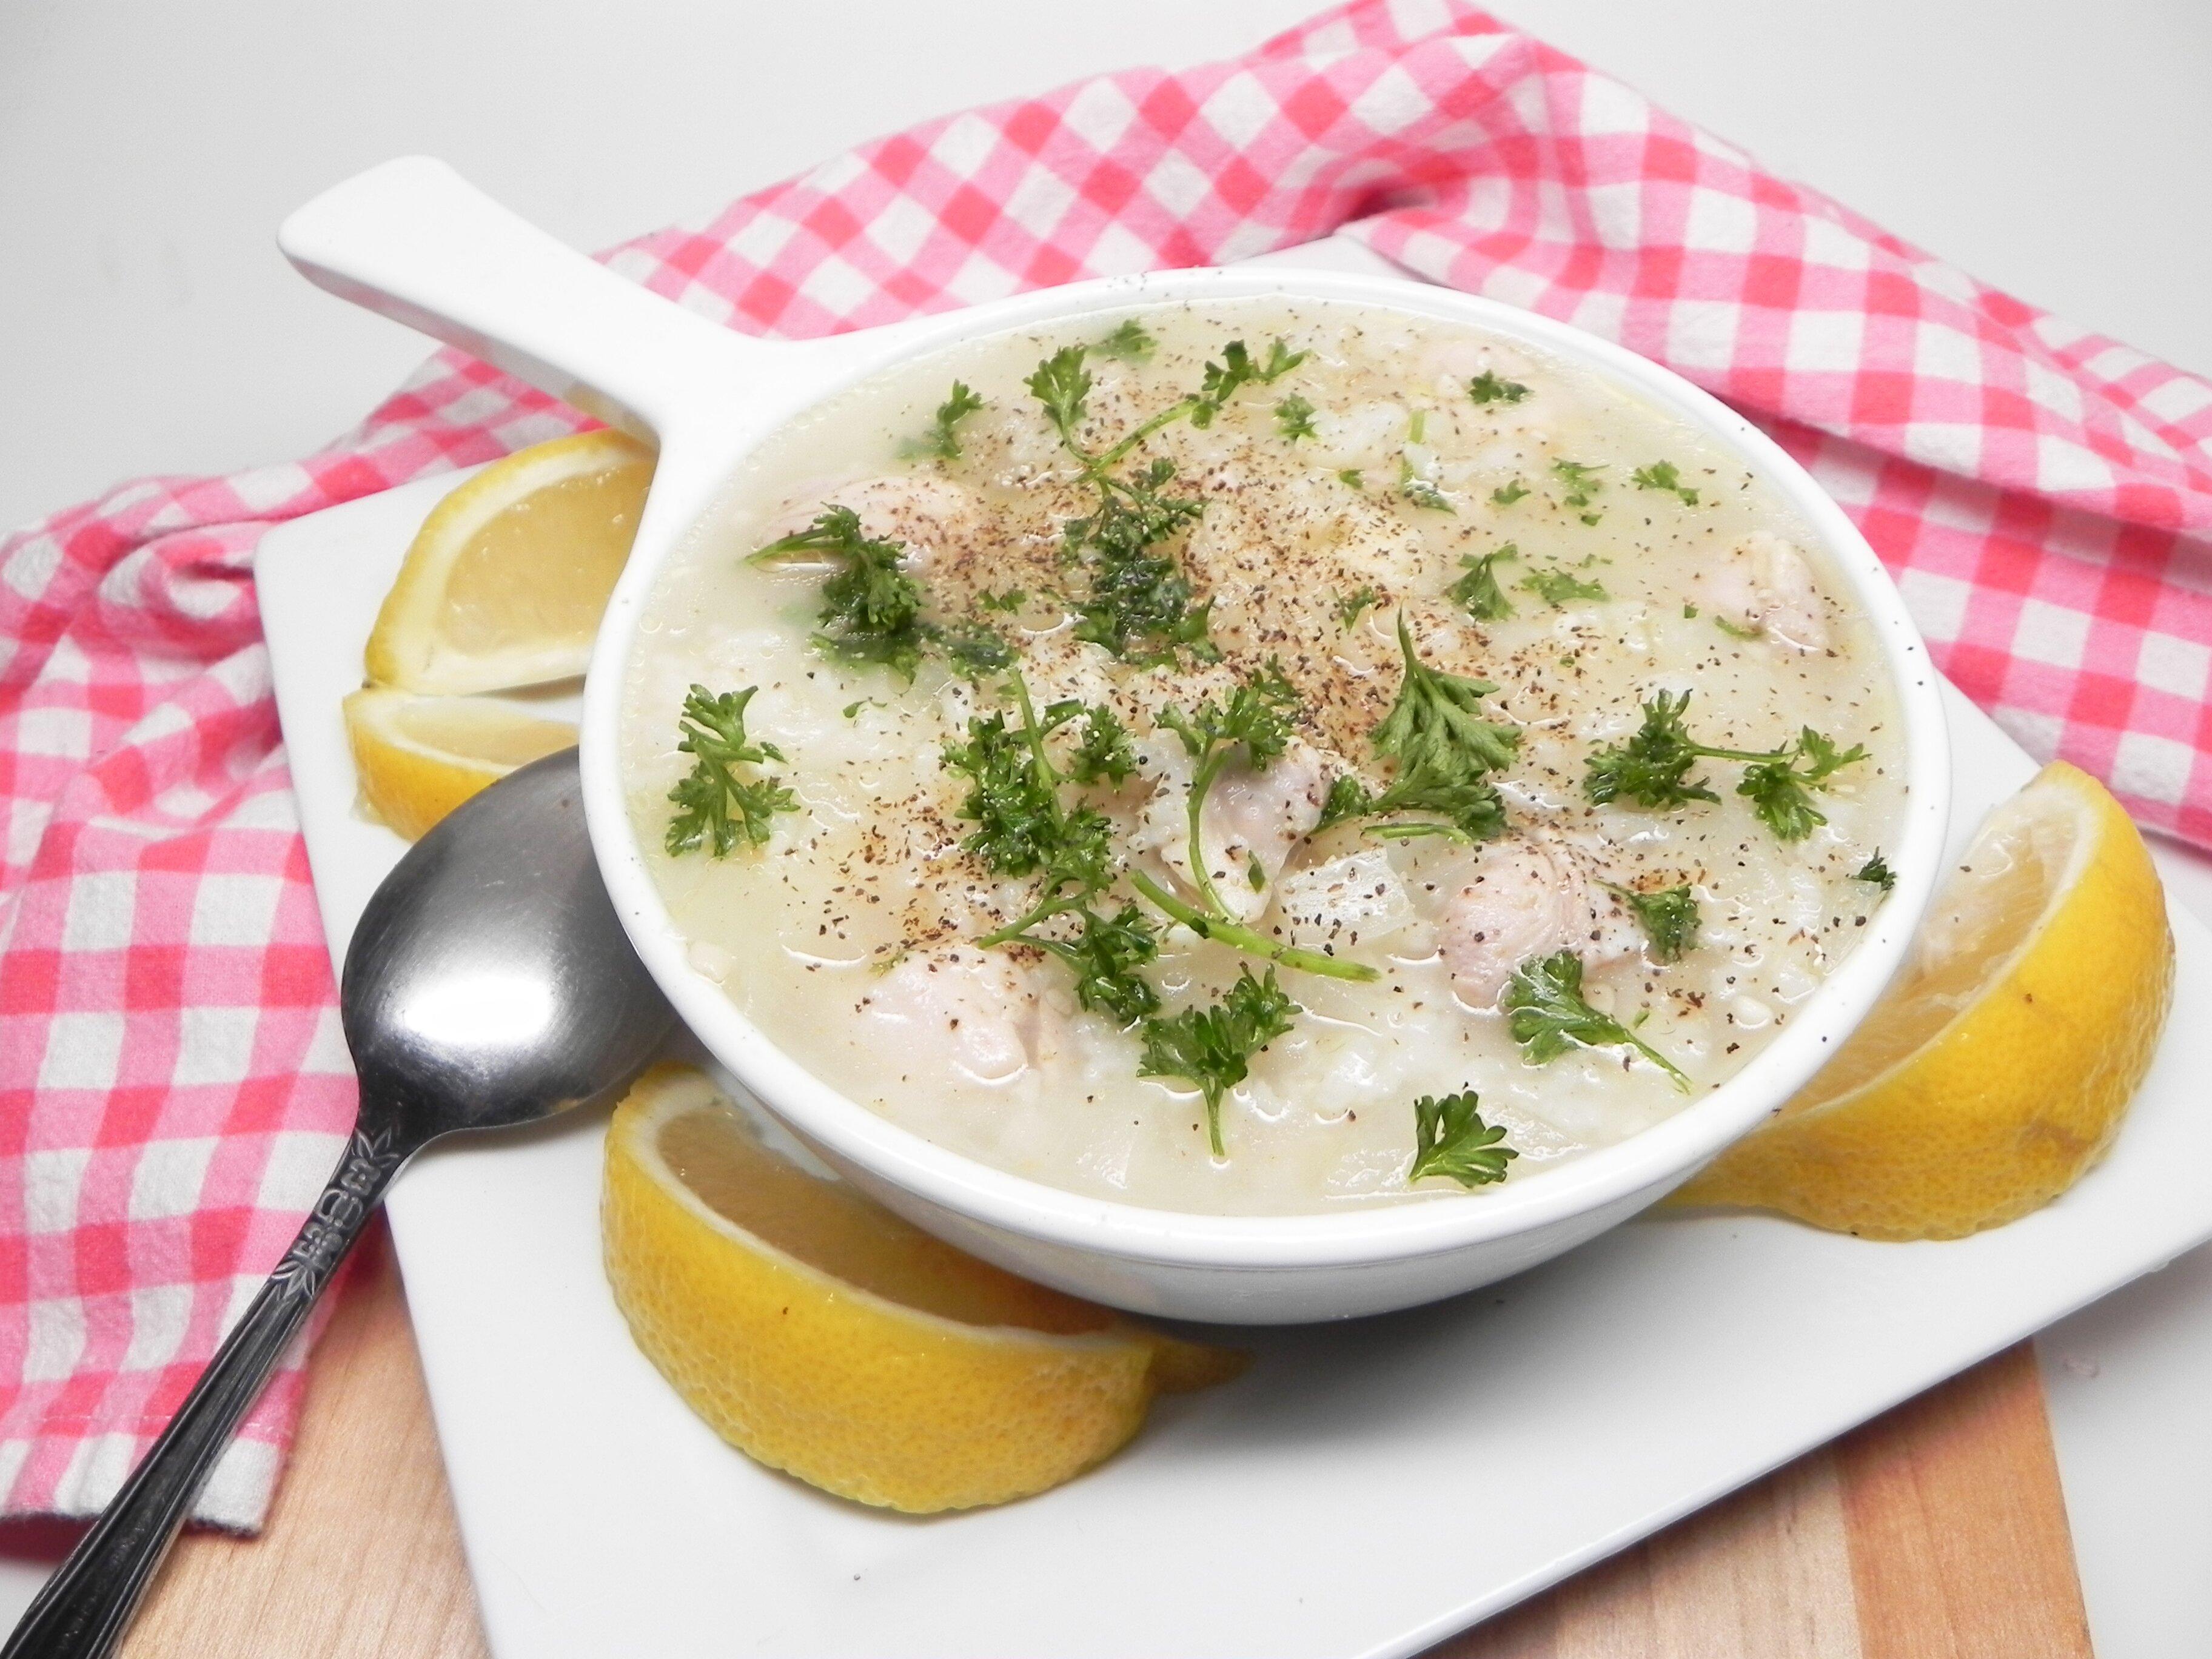 arroz caldo filipino chicken and rice soup recipe